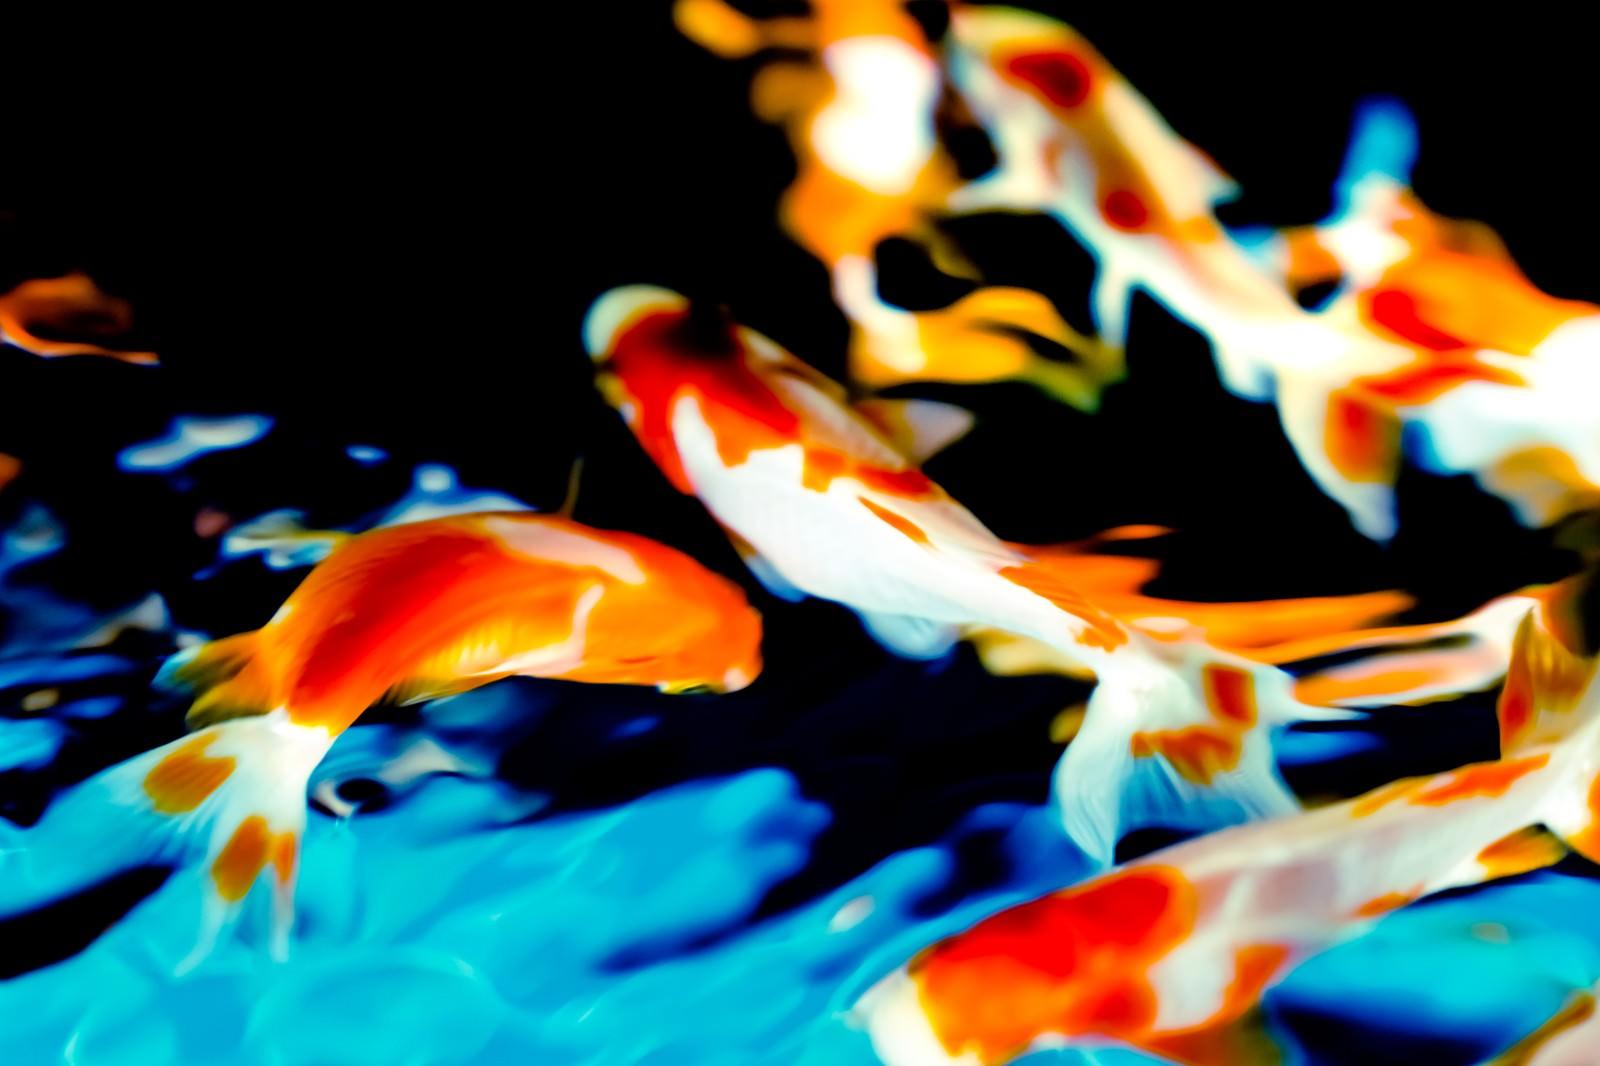 「優雅に舞う金魚優雅に舞う金魚」のフリー写真素材を拡大